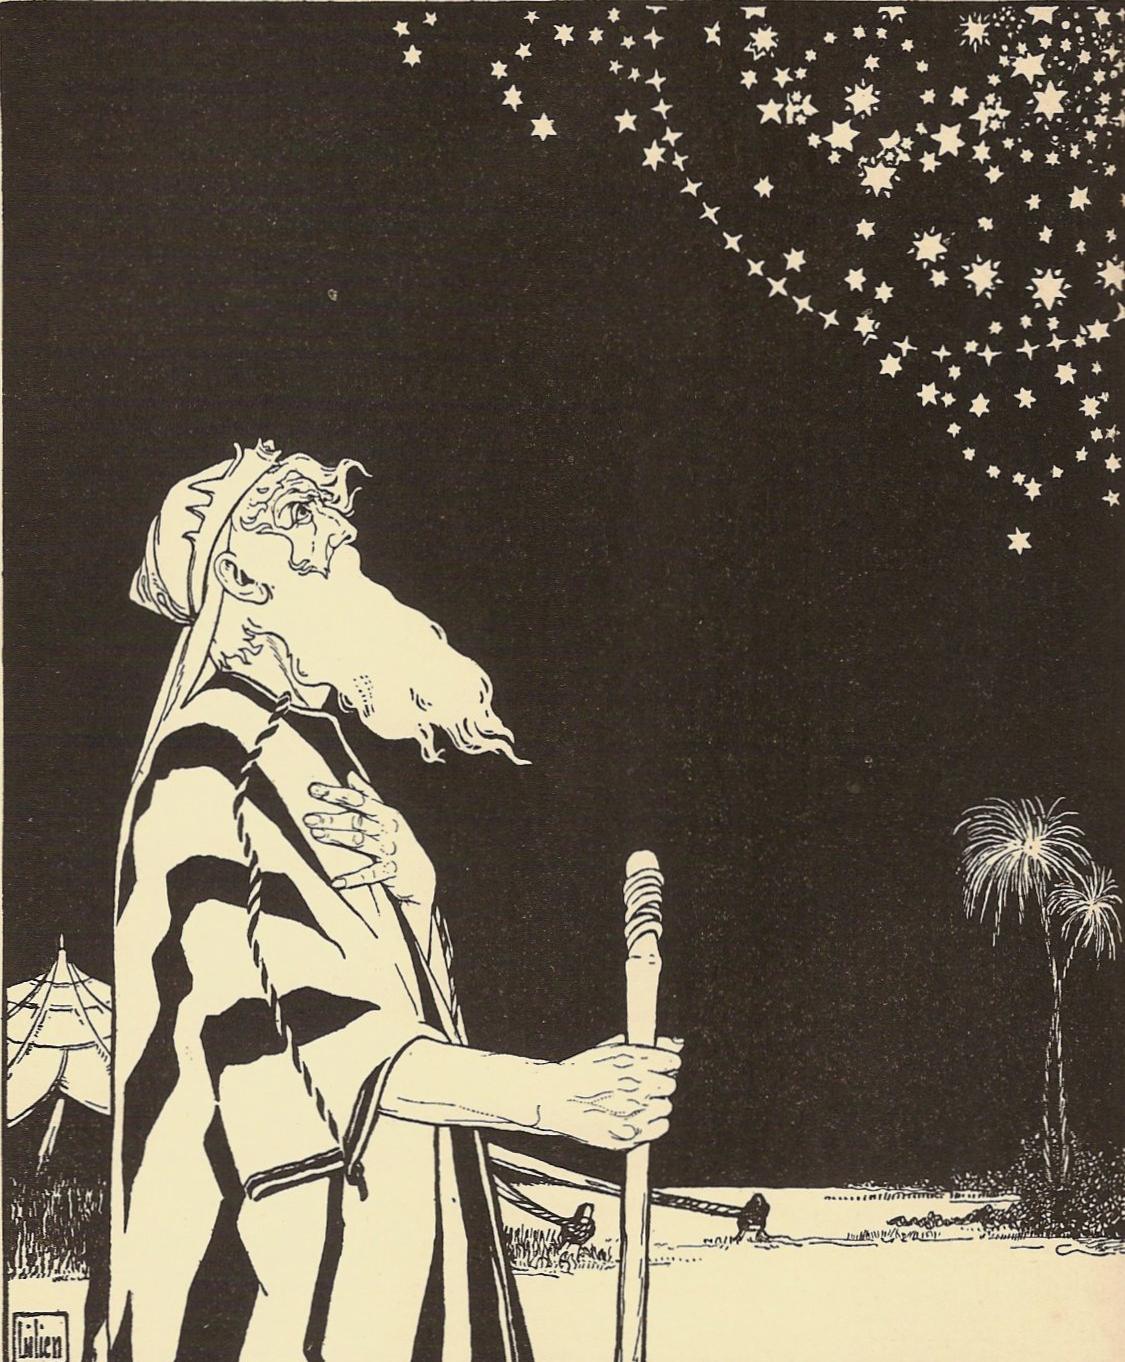 אברהם, תחריט עץ מאת אפרים משה ליליין | cc: ויקיפדיה